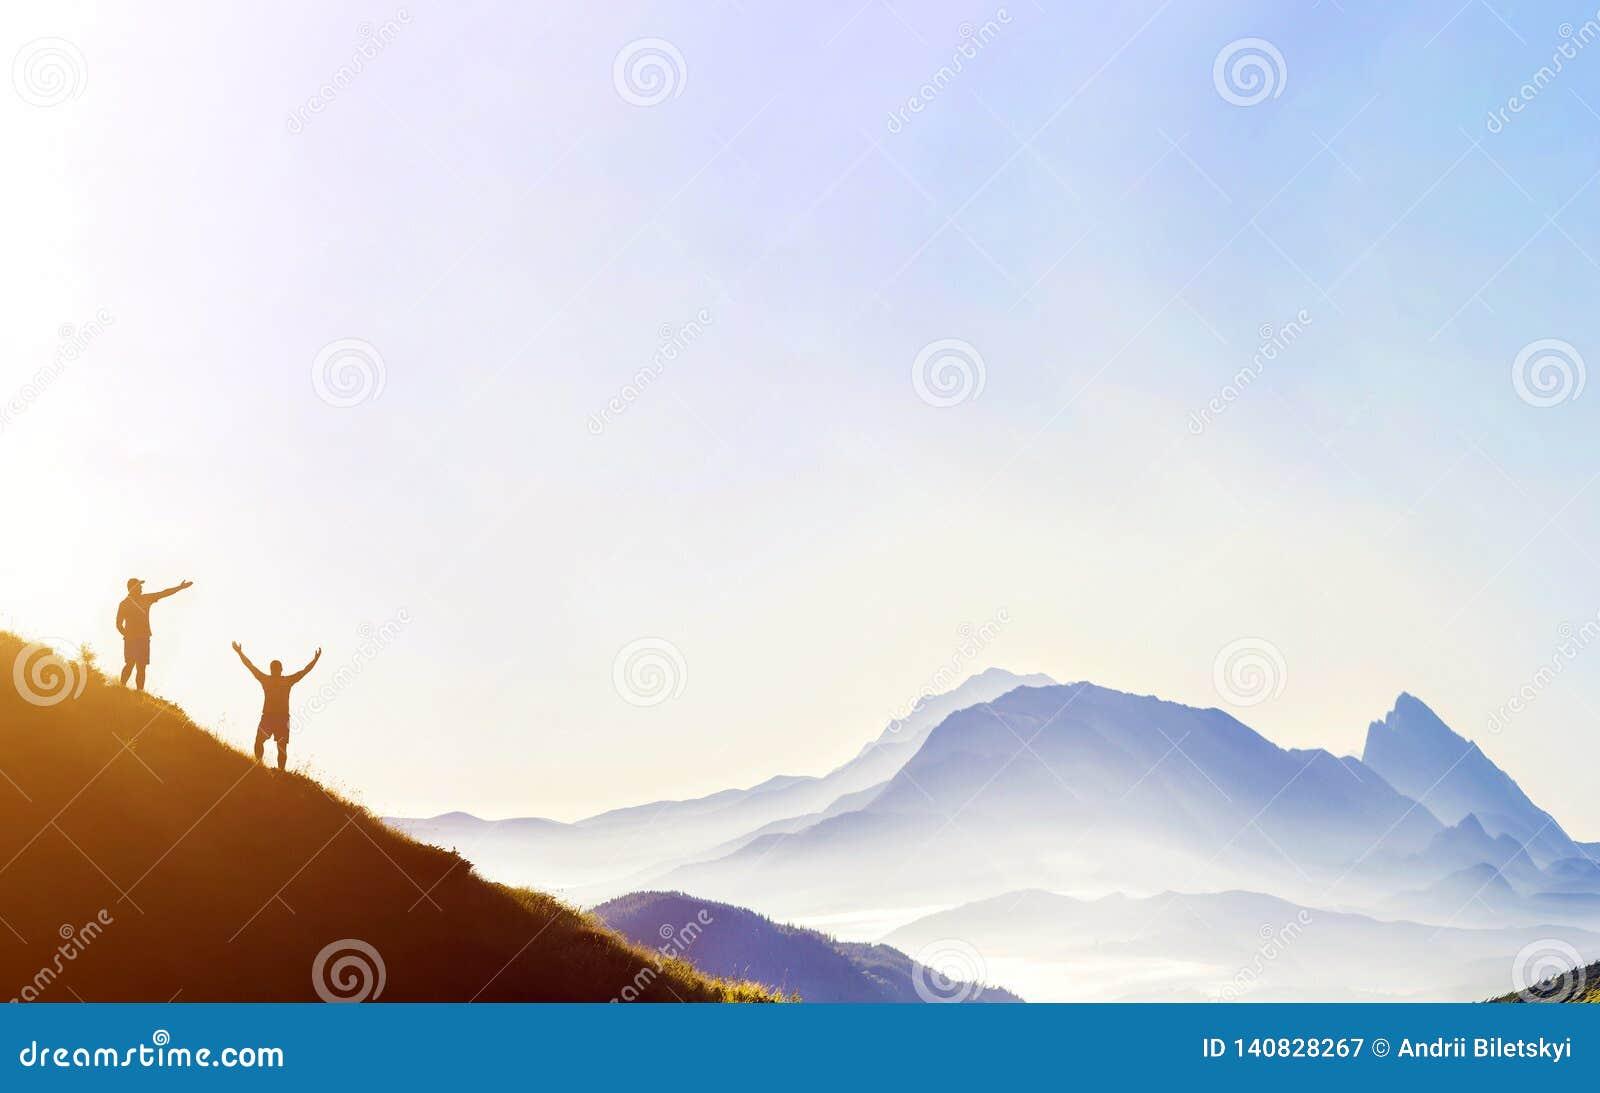 Kleine dunkle Schattenbilder von touristischen Reisenden auf steilem Berghang bei Sonnenaufgang auf dem Kopienraumhintergrund des